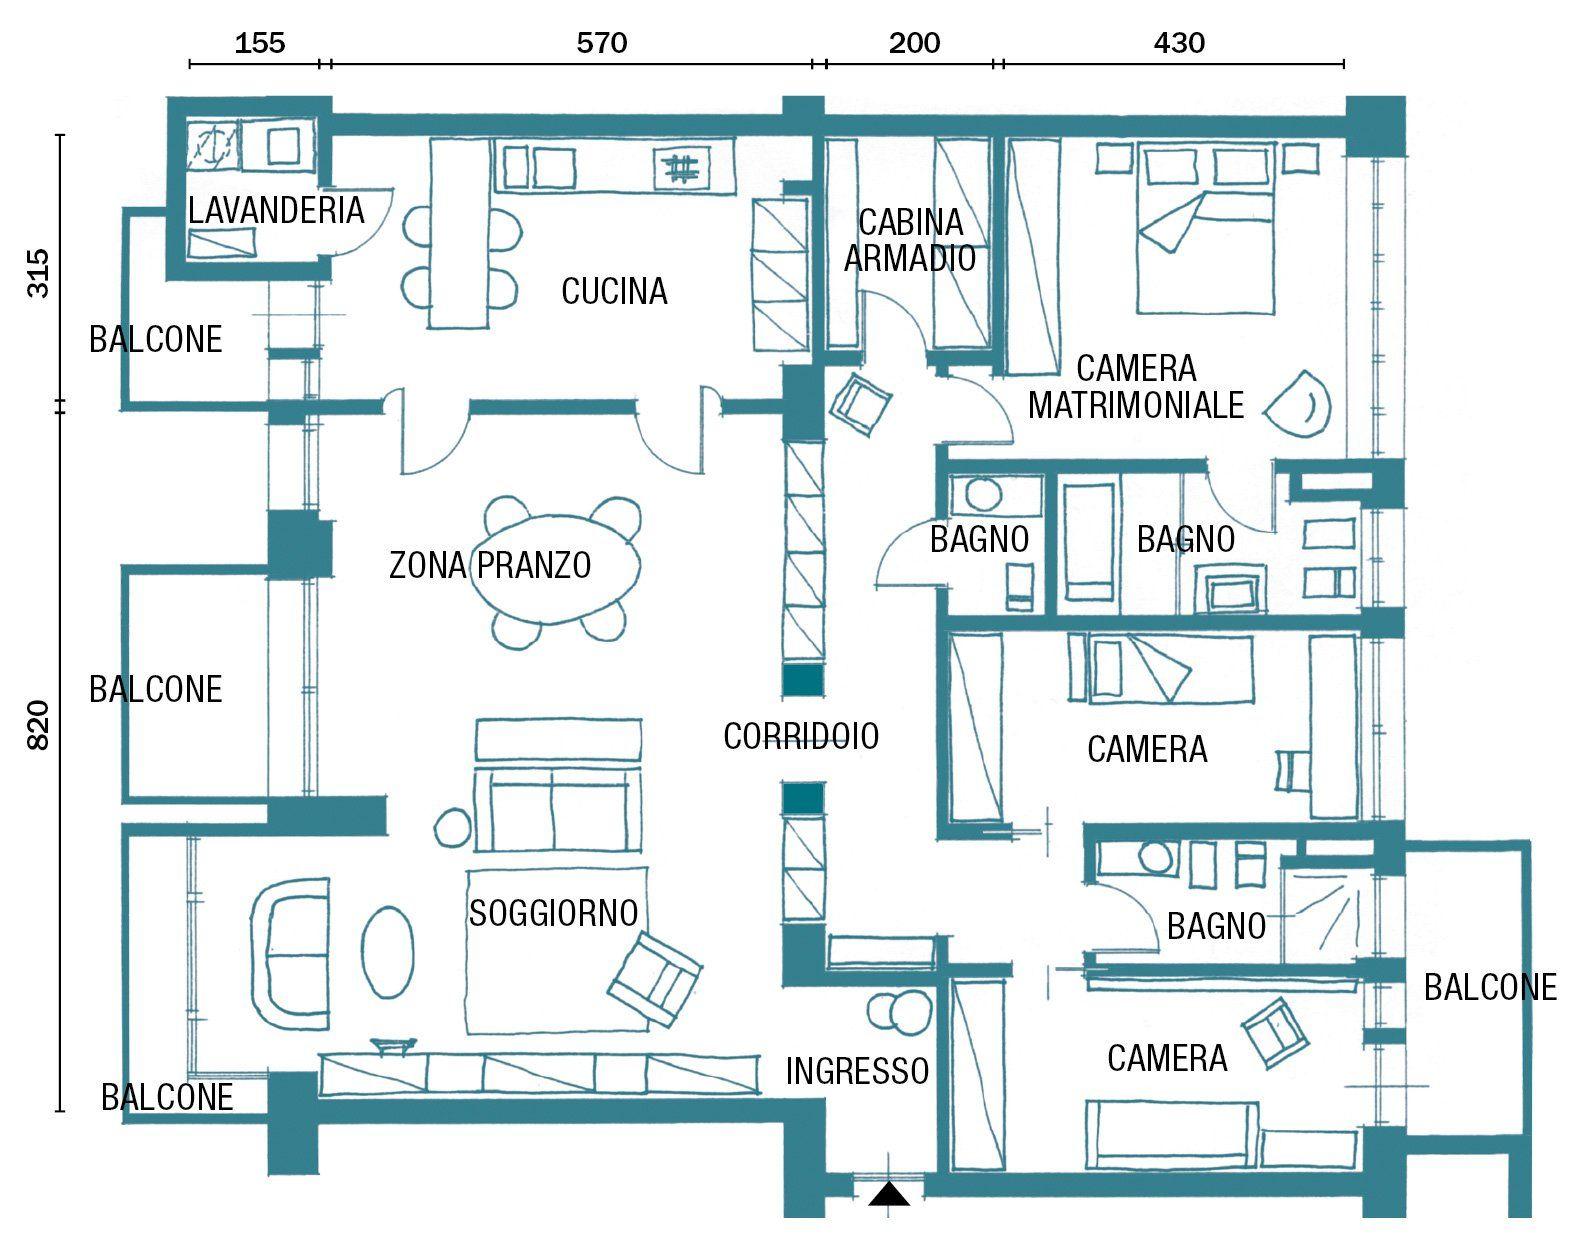 Planimetria Casa Con Misure 150 mq tutti da copiare: dalla divisione soggiorno-cucina